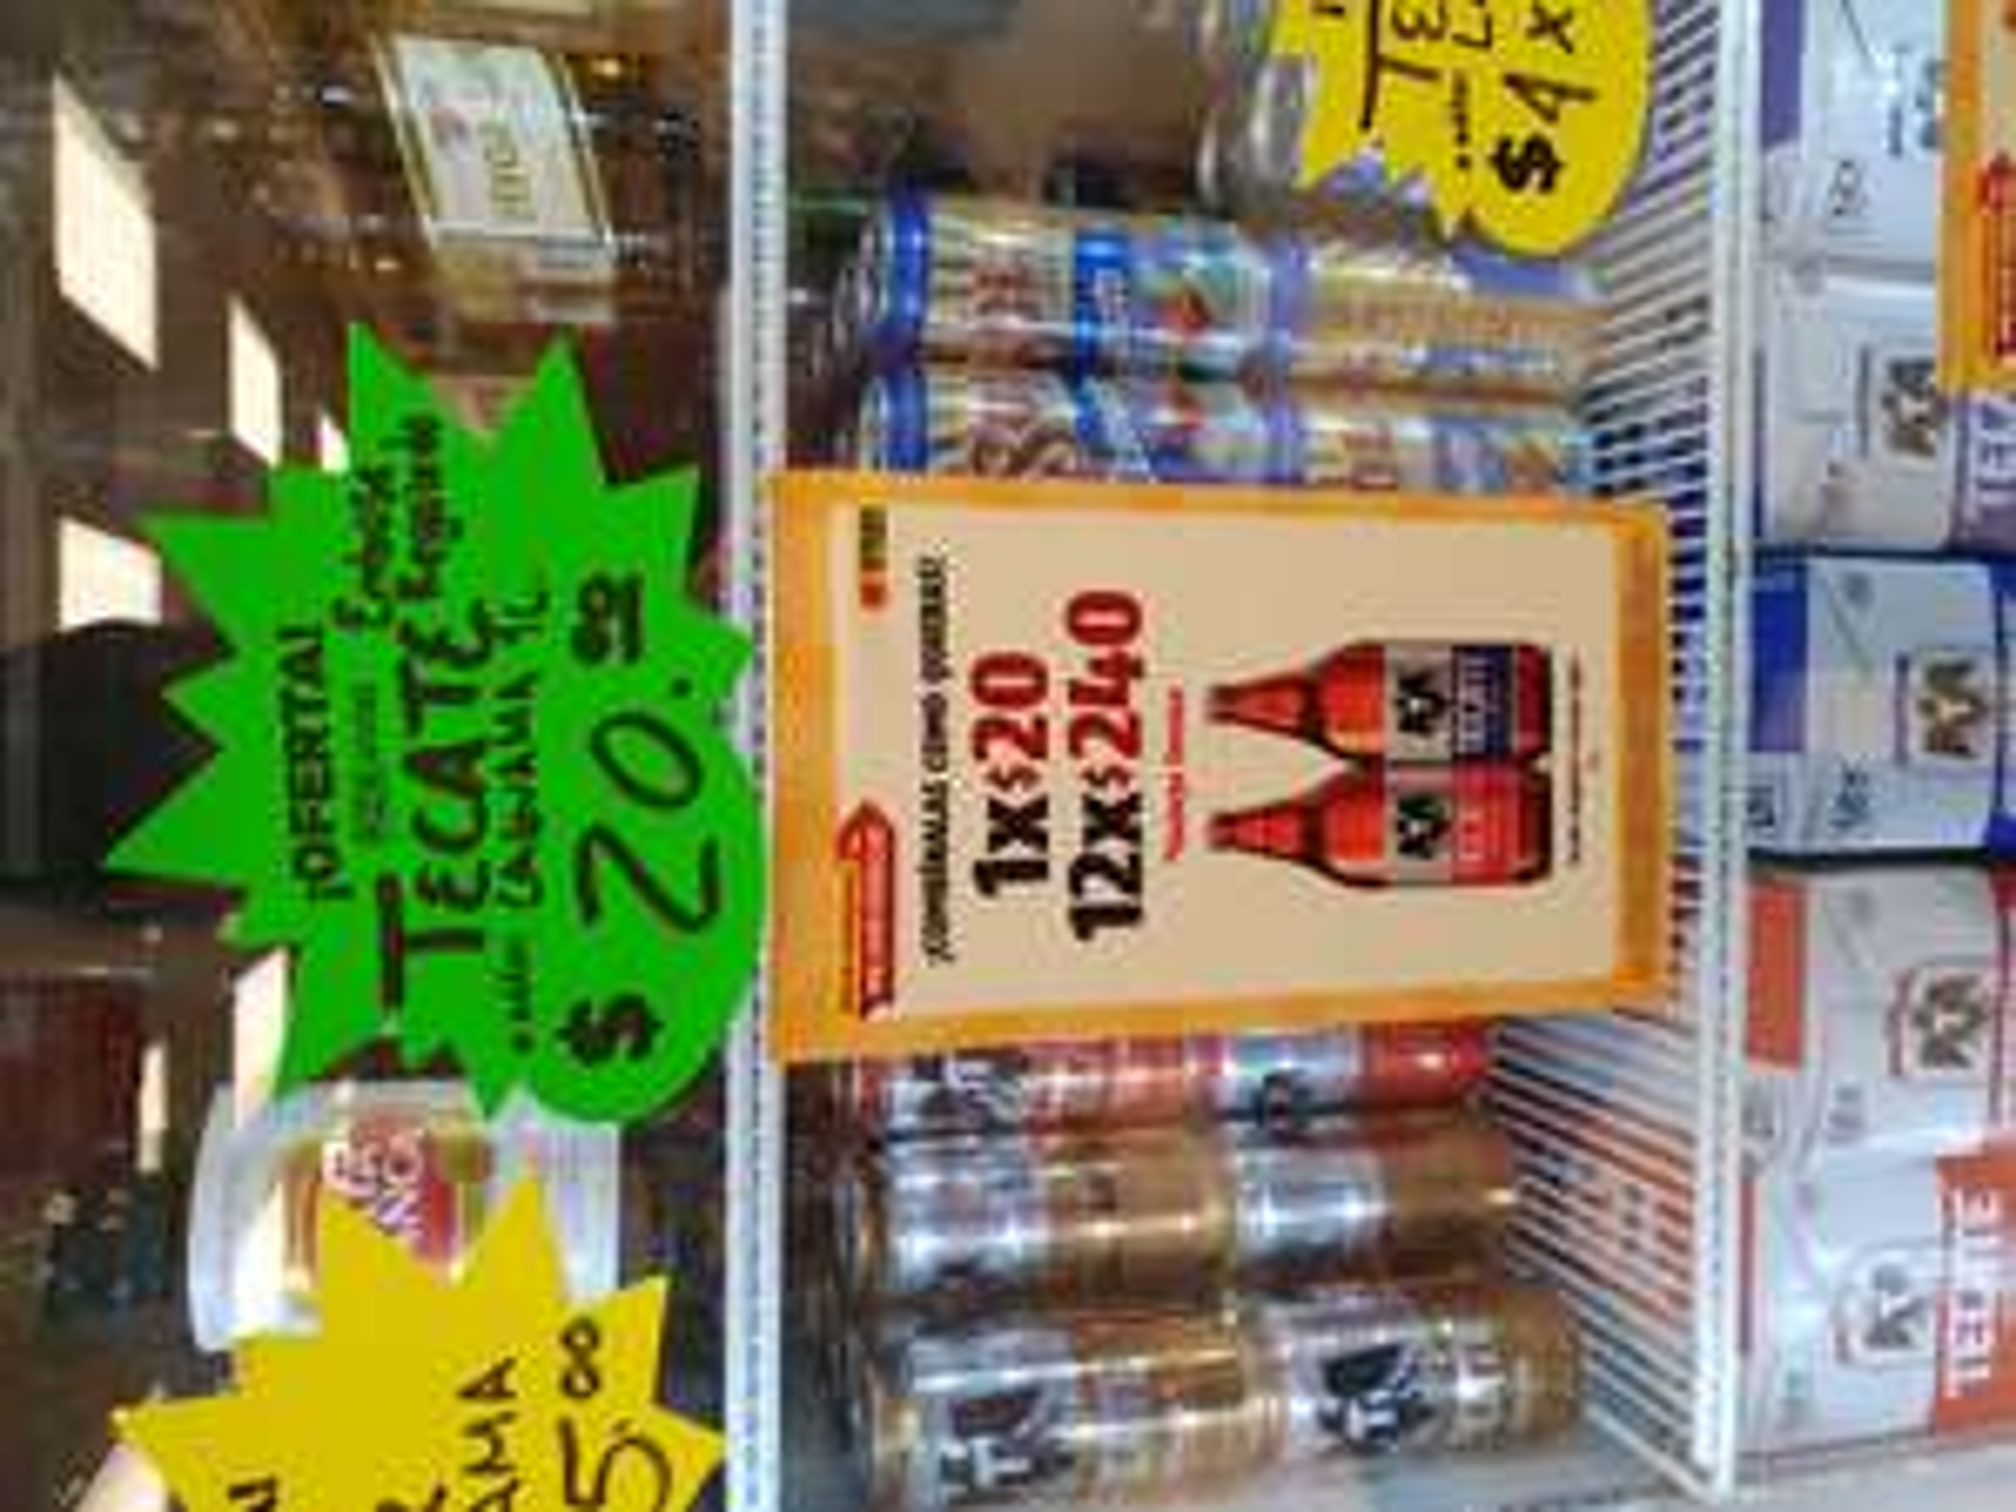 Oxxo: Caguama Tecate 1 litro Roja y Light + envase de regalo